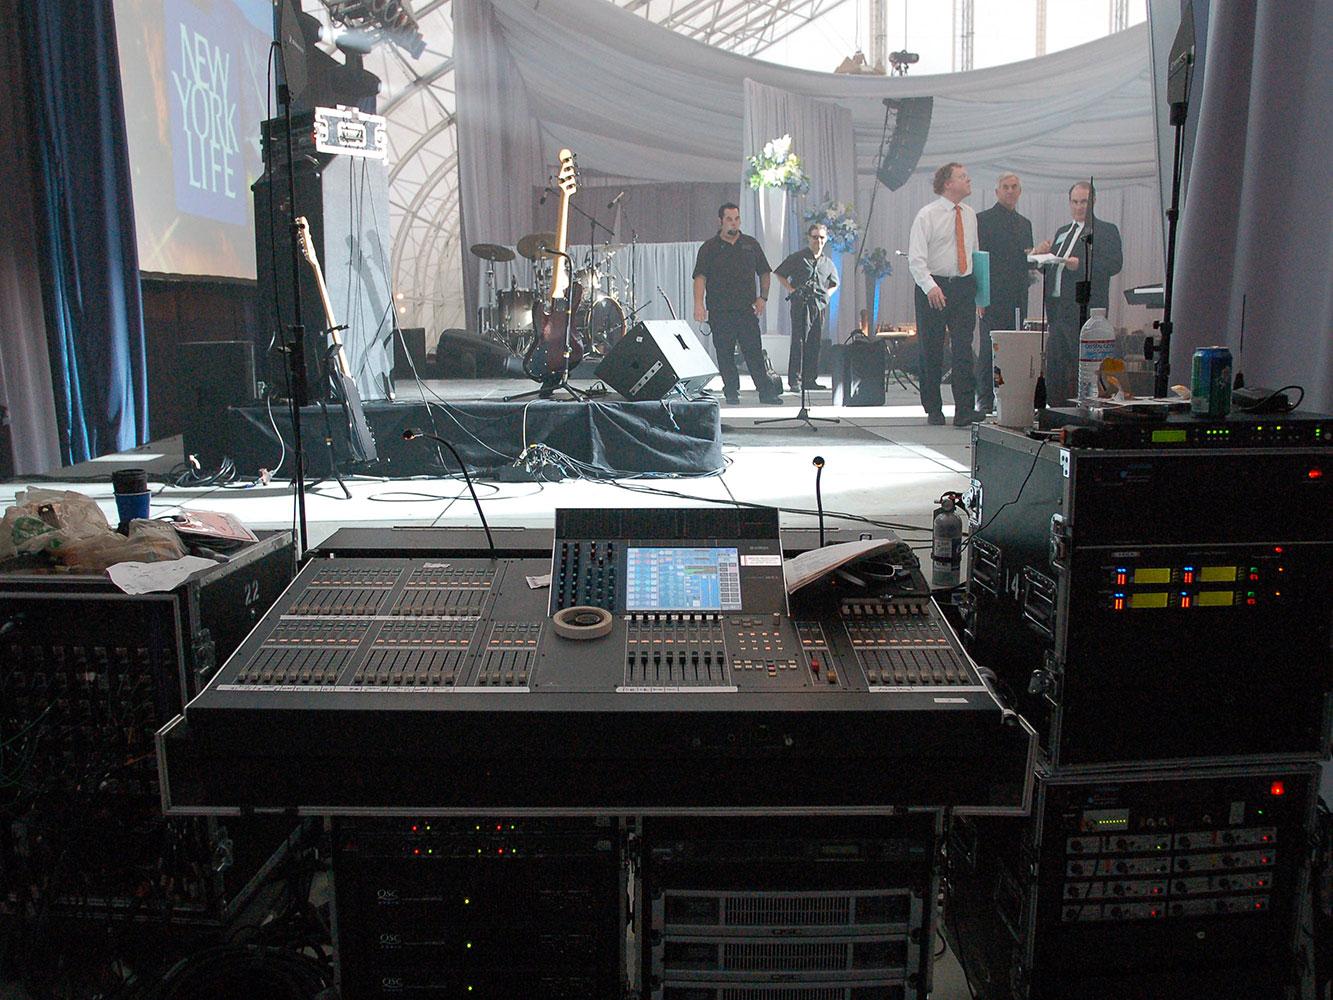 NY-Life-Event---Audio-Production